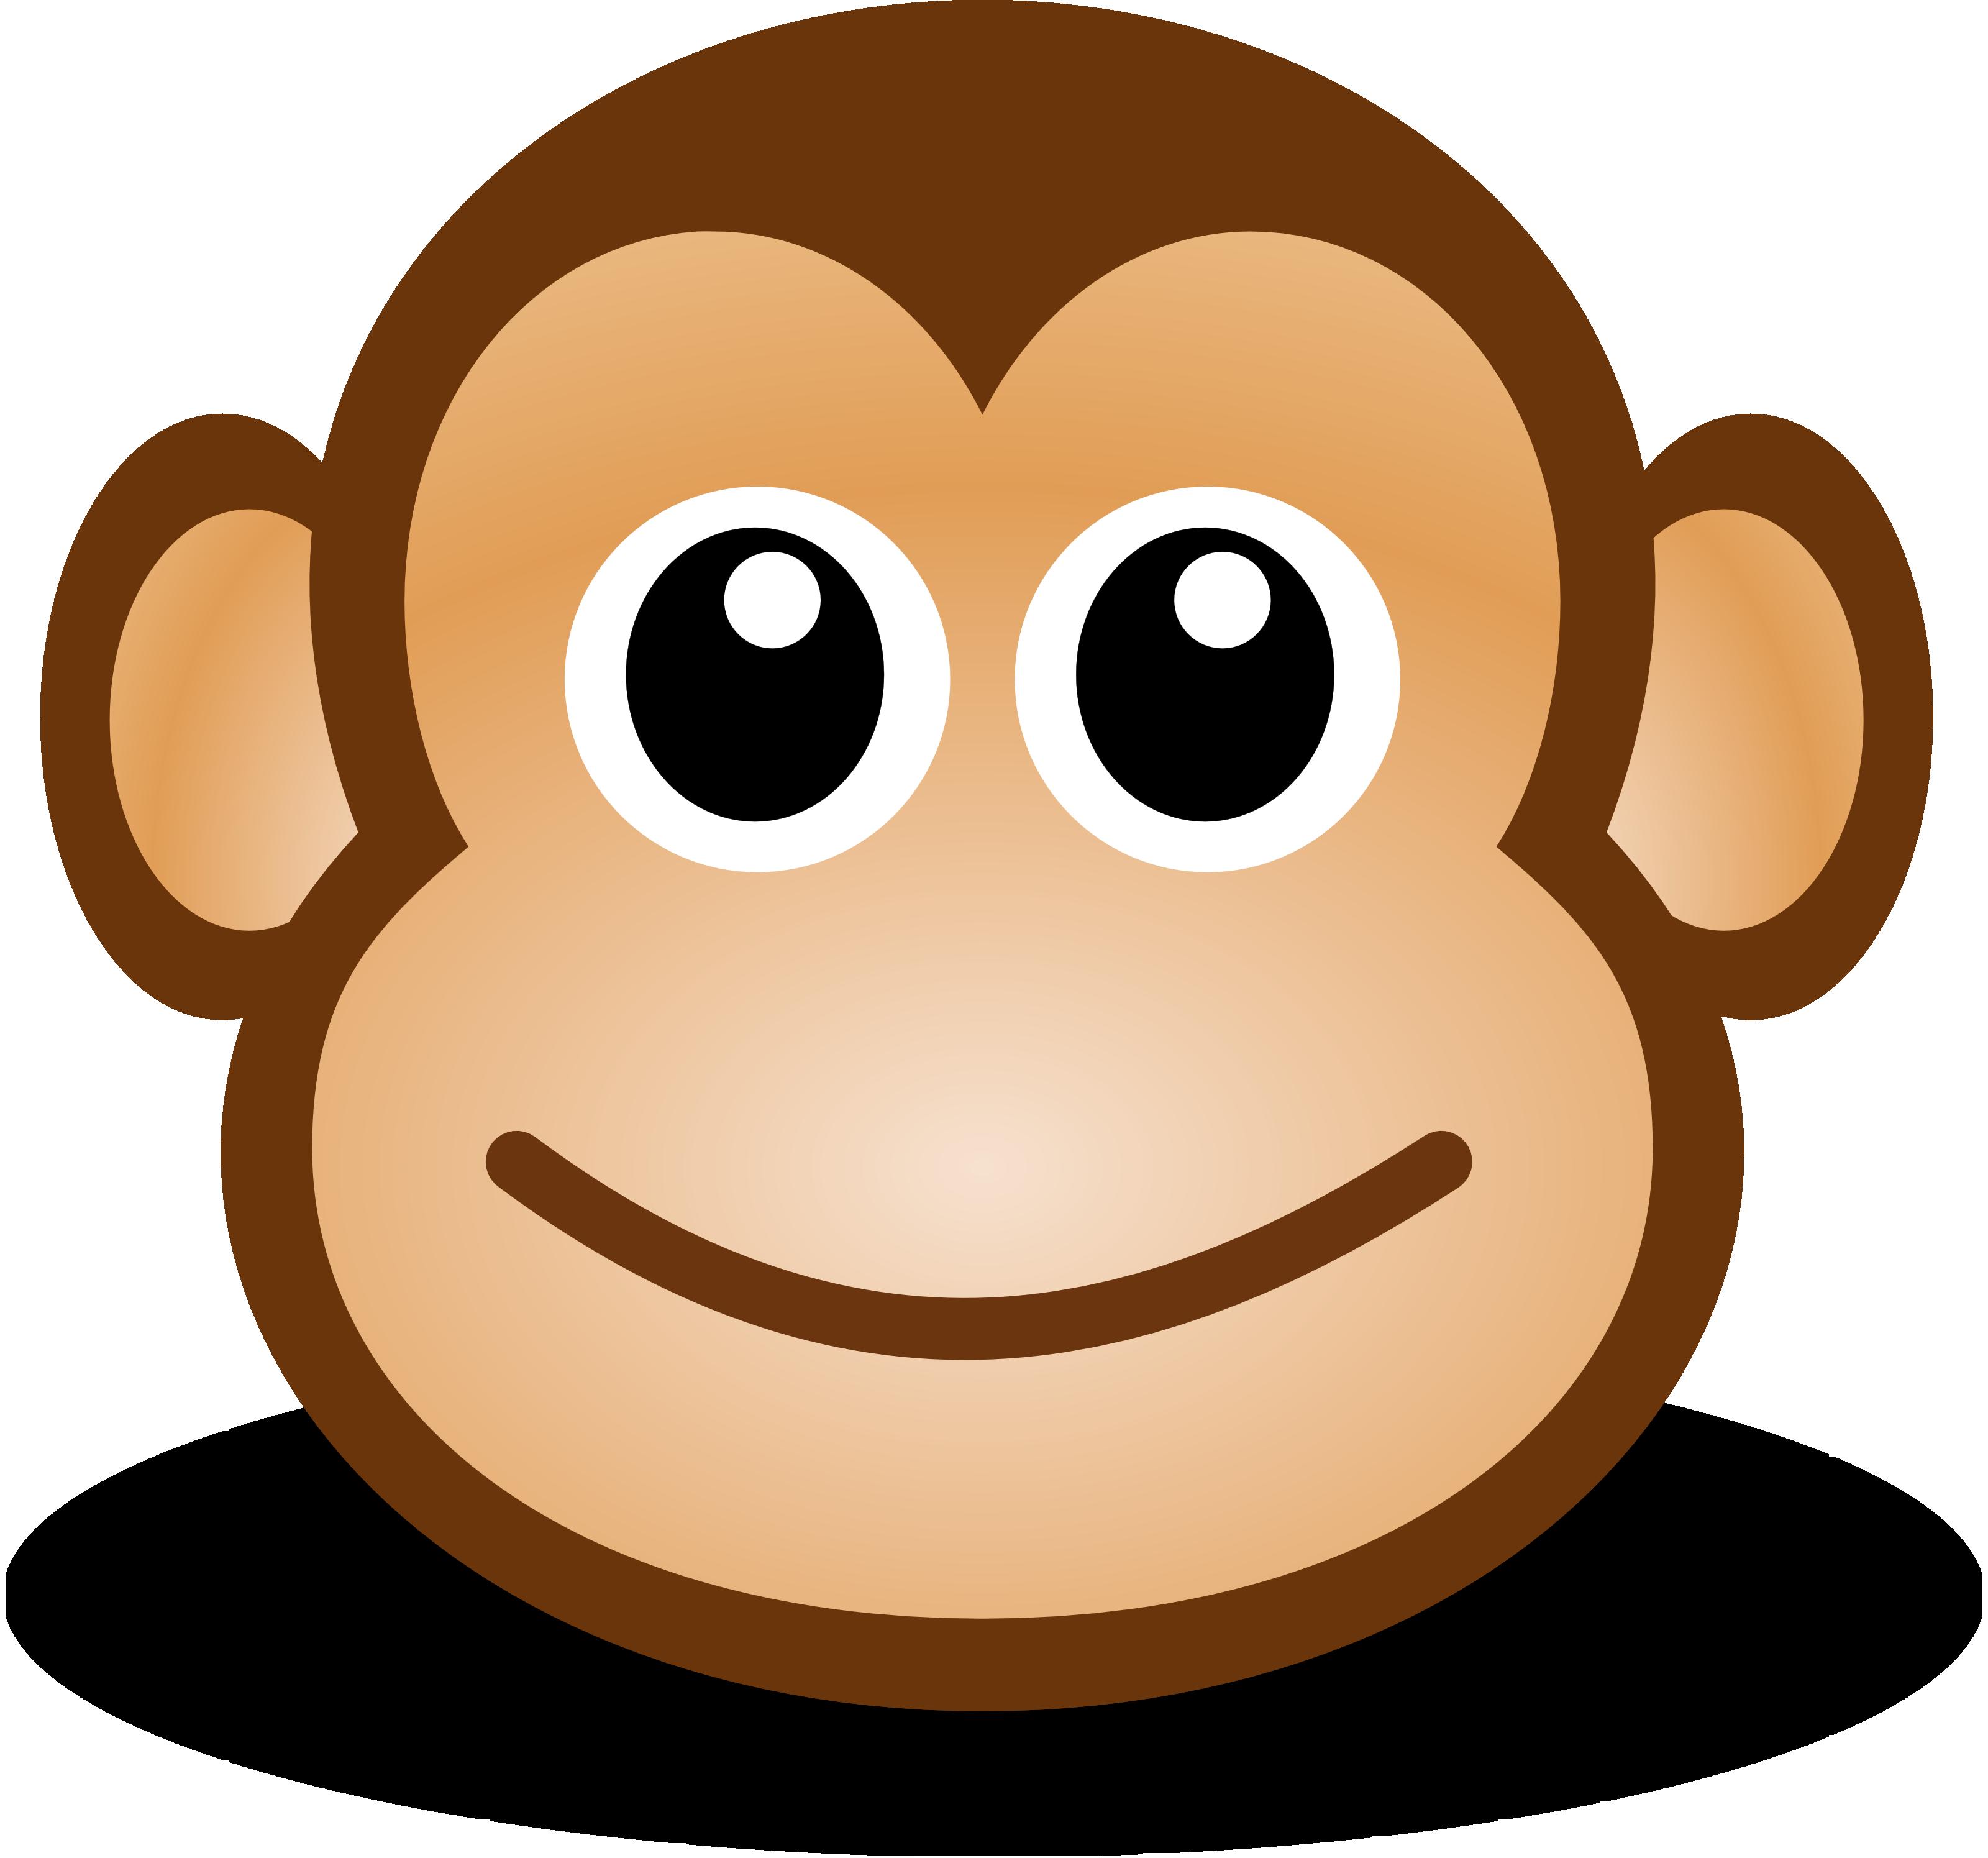 Monkey clipart 3